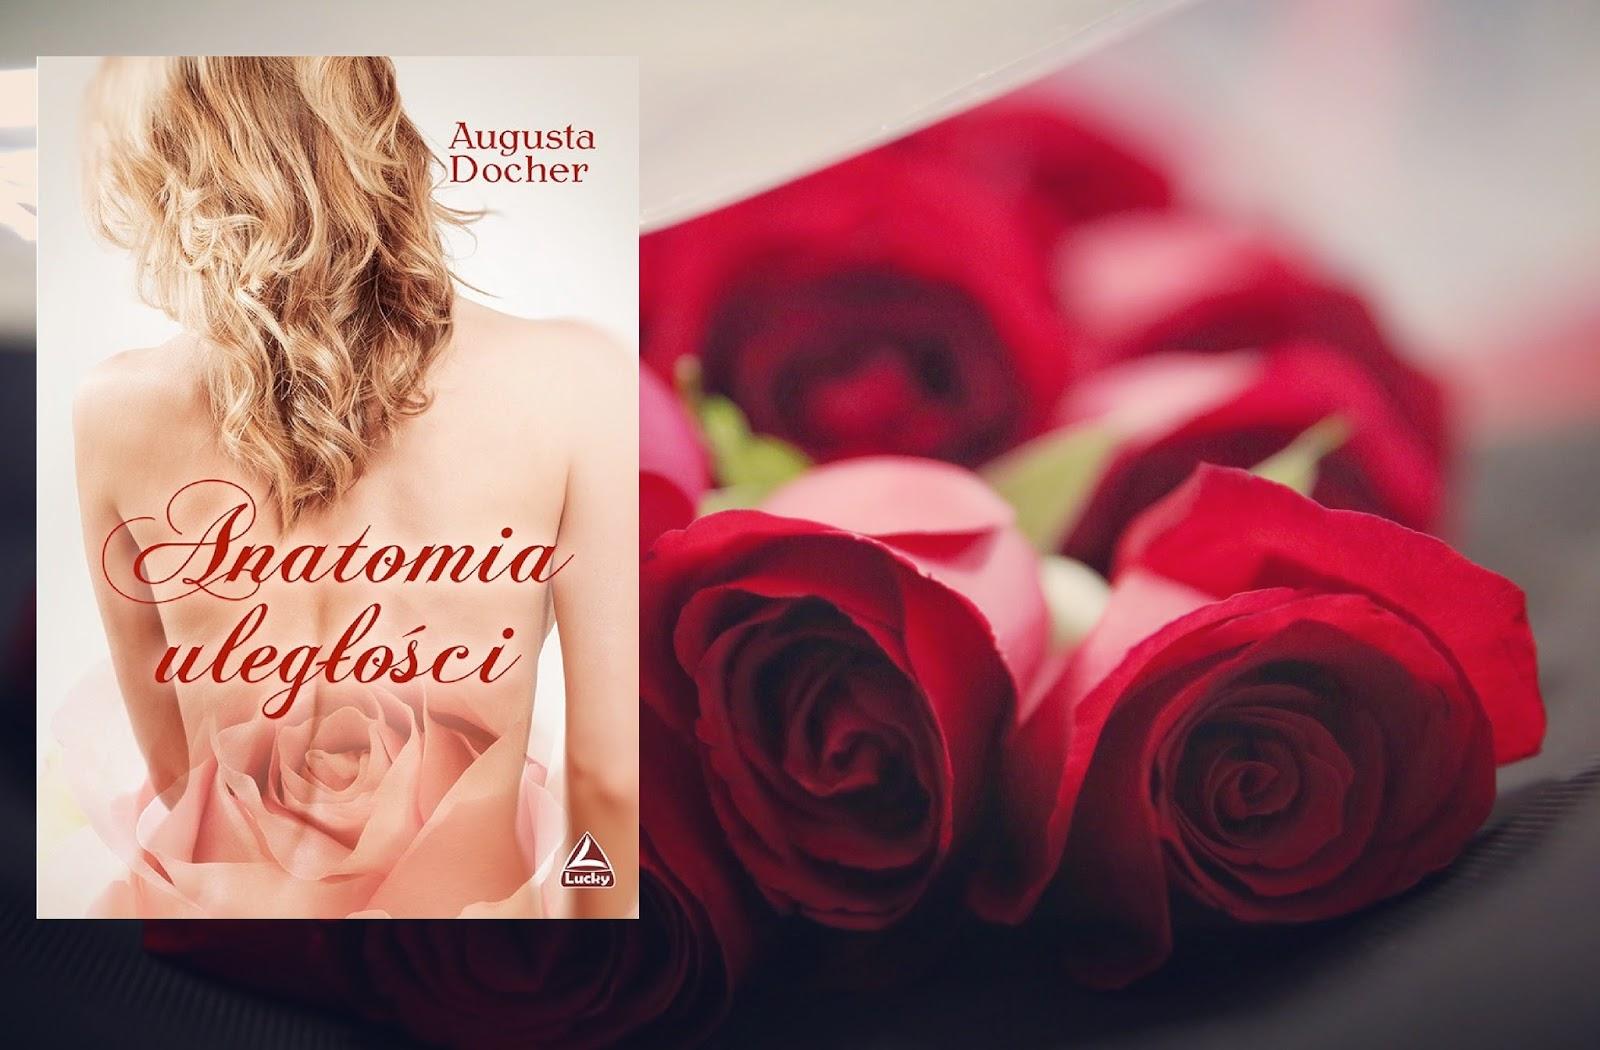 Augusta Docher, Anatomia uległości